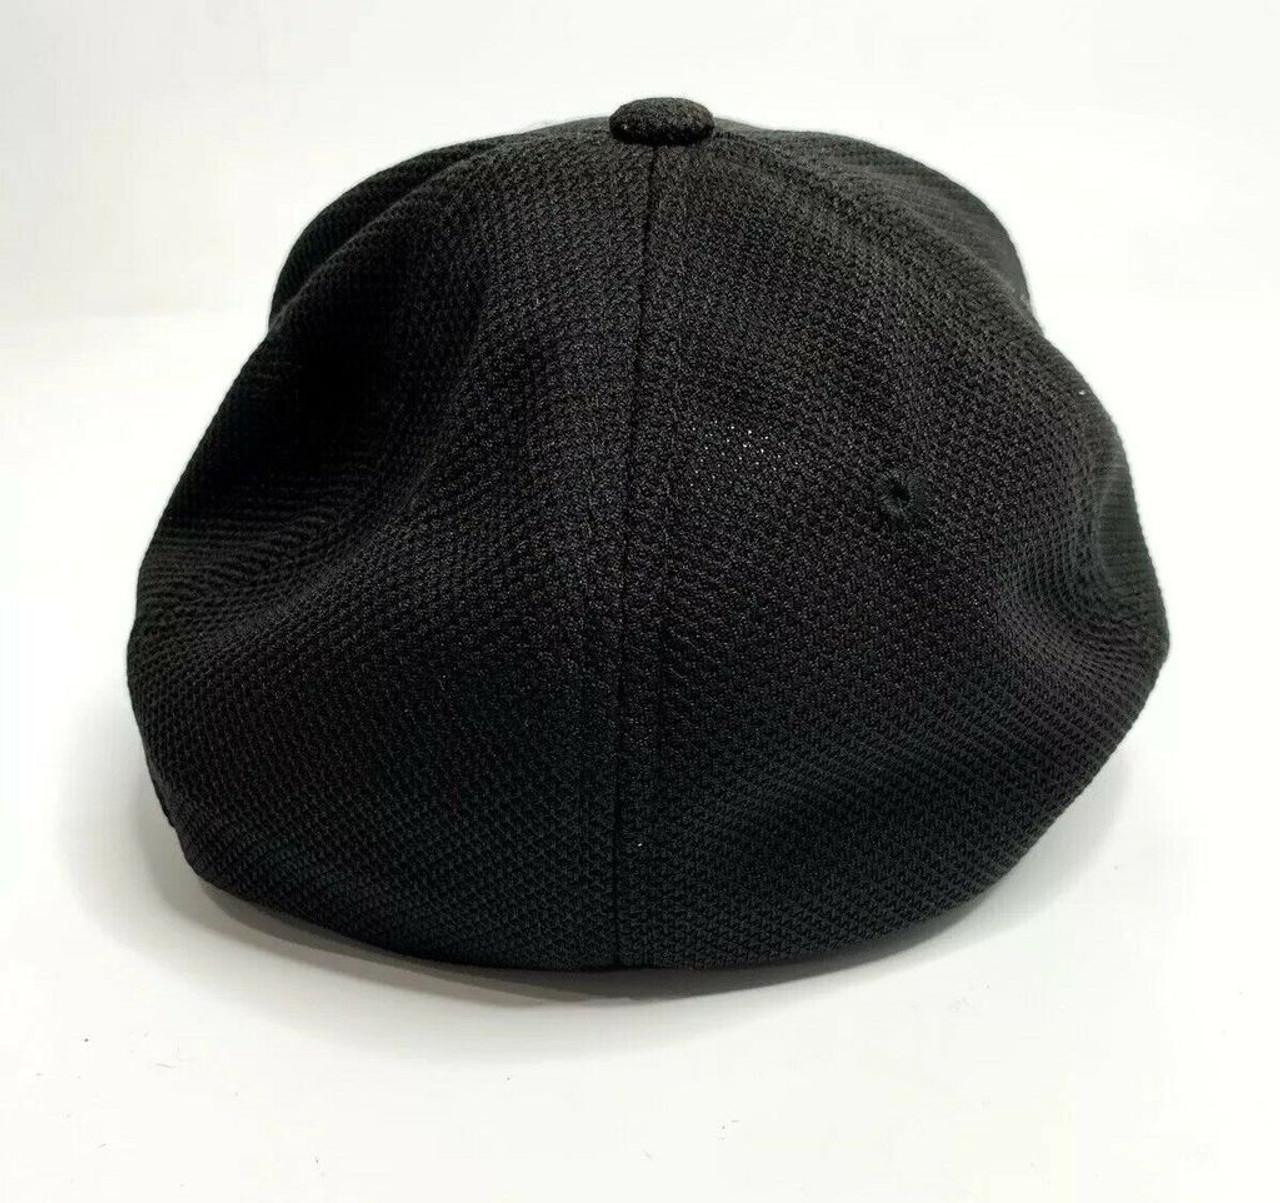 C6 Corvette Performance Flex Fit Black Hat (back)